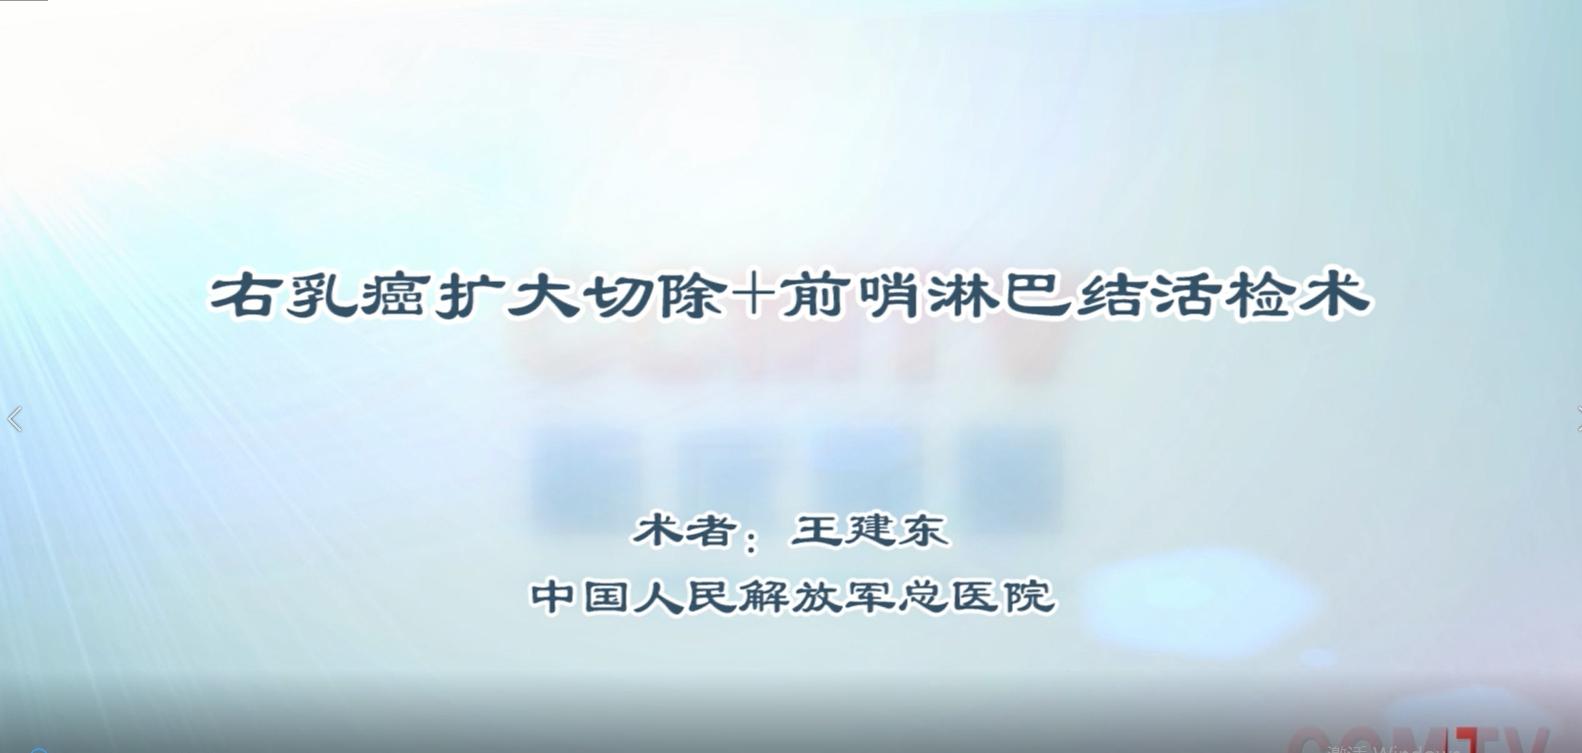 手术演示丨王建东:右乳癌扩大切除+前哨淋巴结活检术